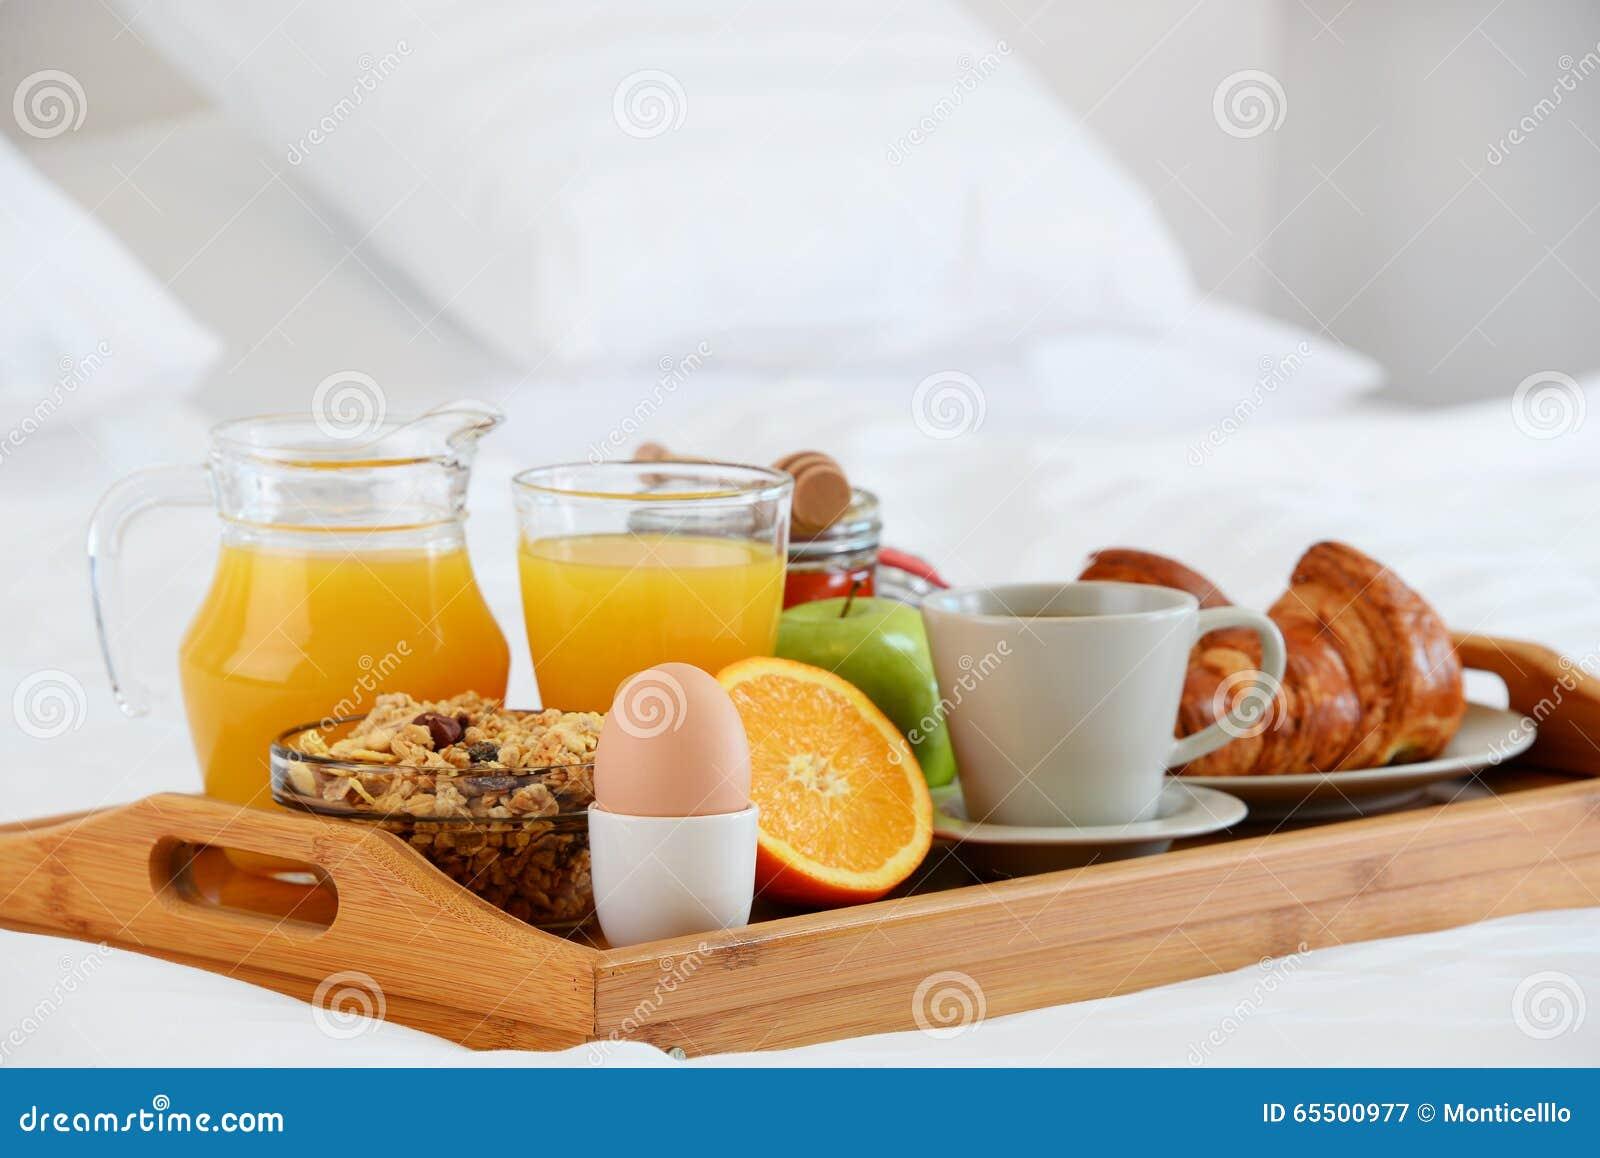 Afbeeldingen Ontbijt